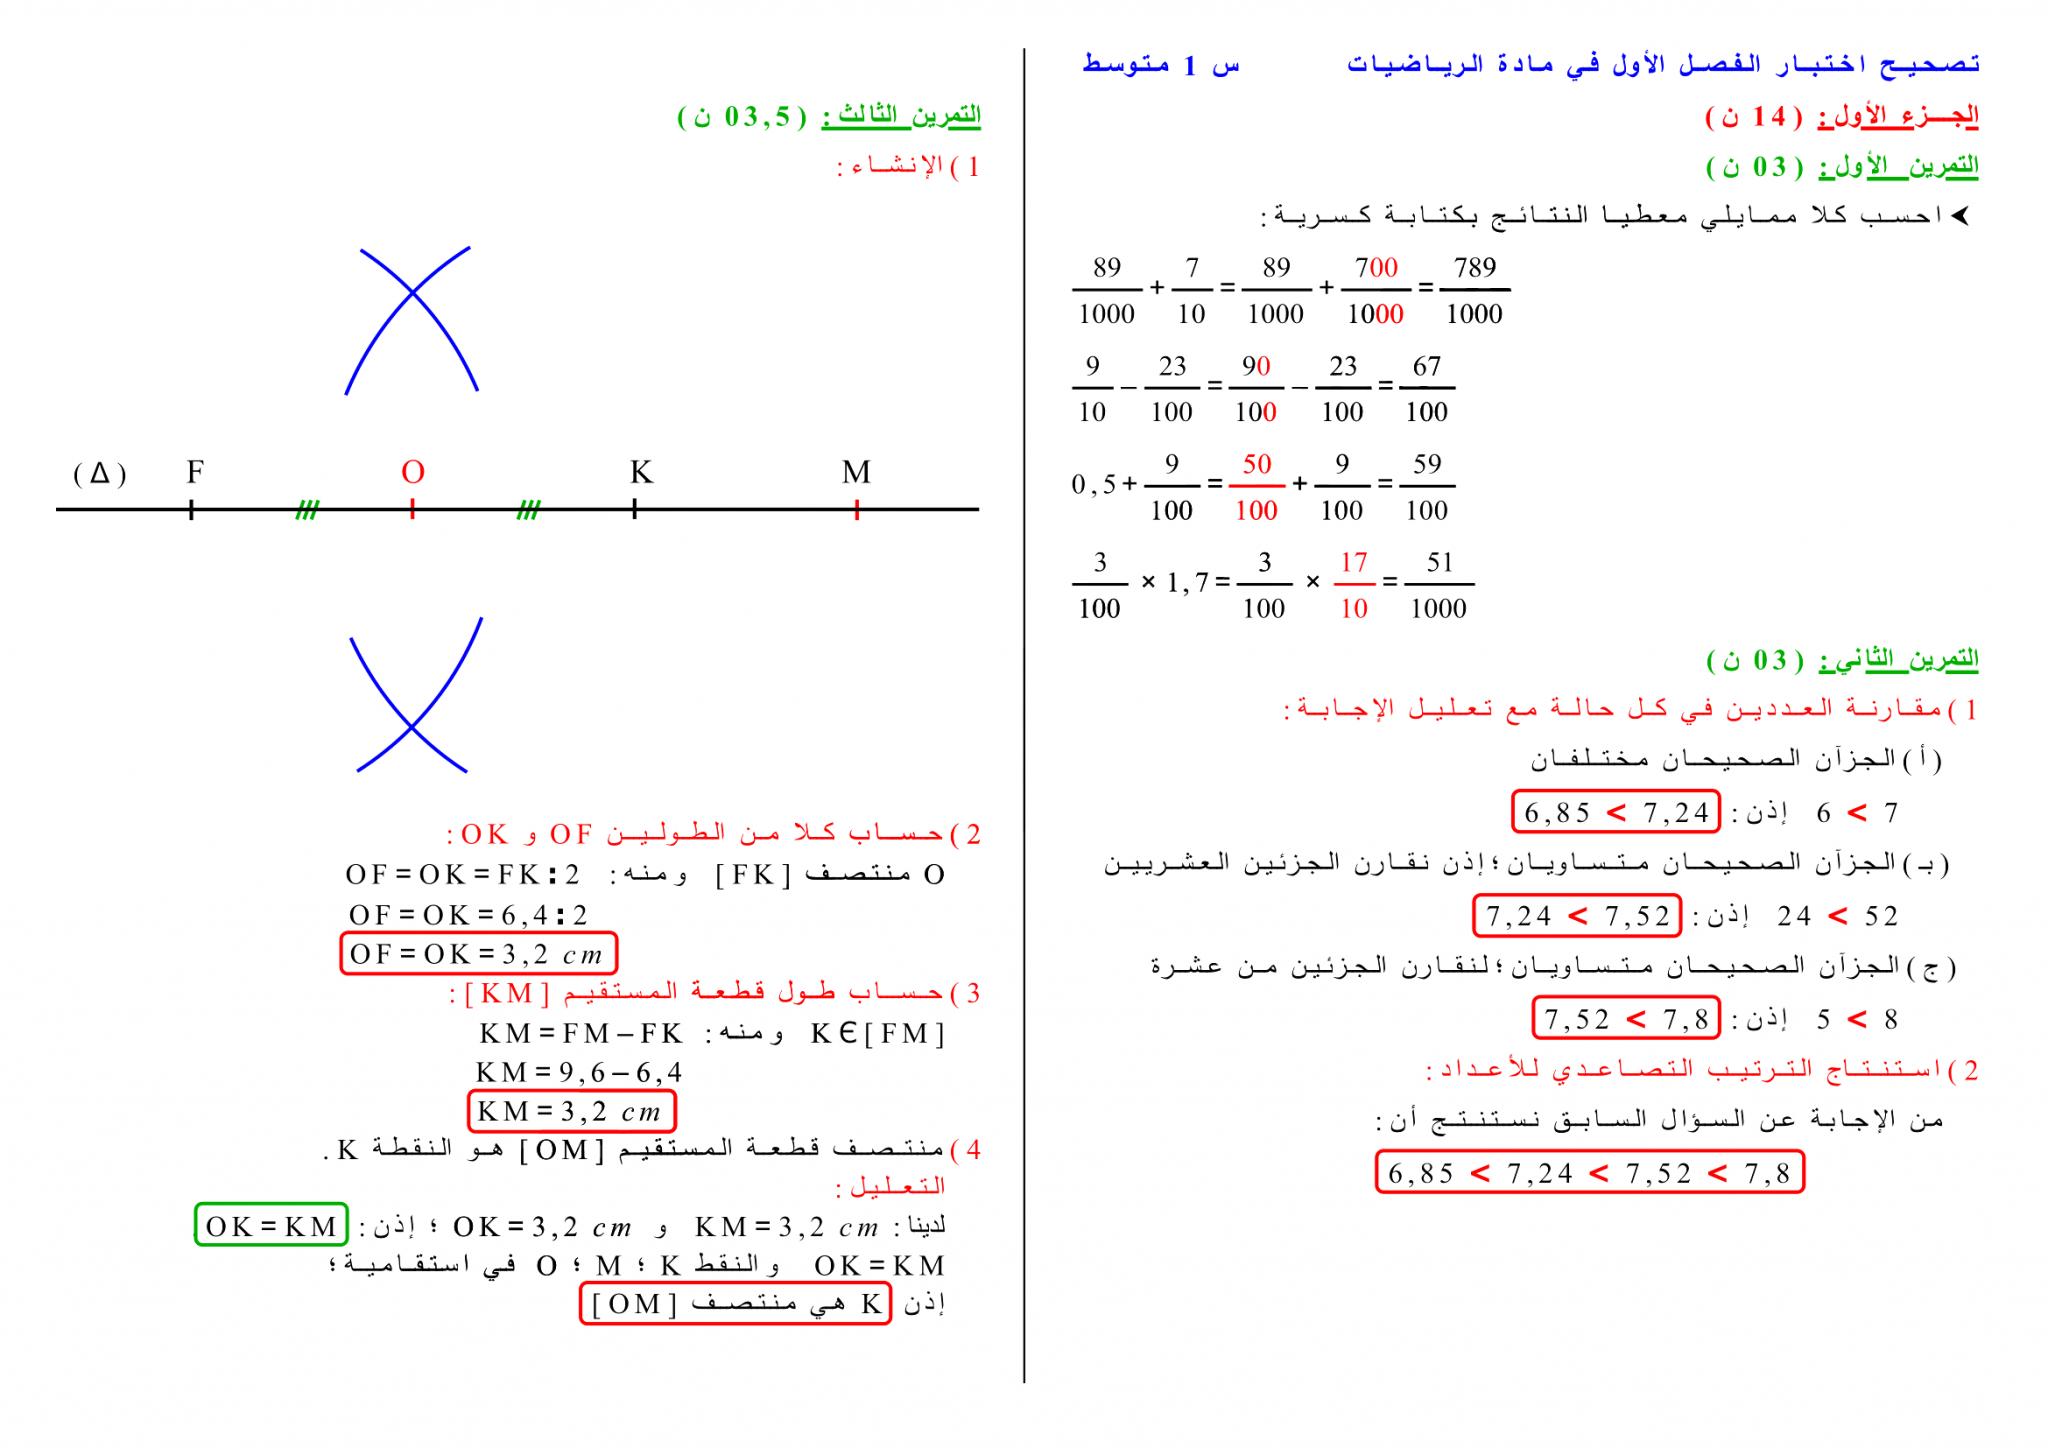 1am Exams Math فروض و اختبارات السنة أولى متوسط مادة الرياضيات الفصل الأول 2019 2020 النموذج 02 Math Map Chart